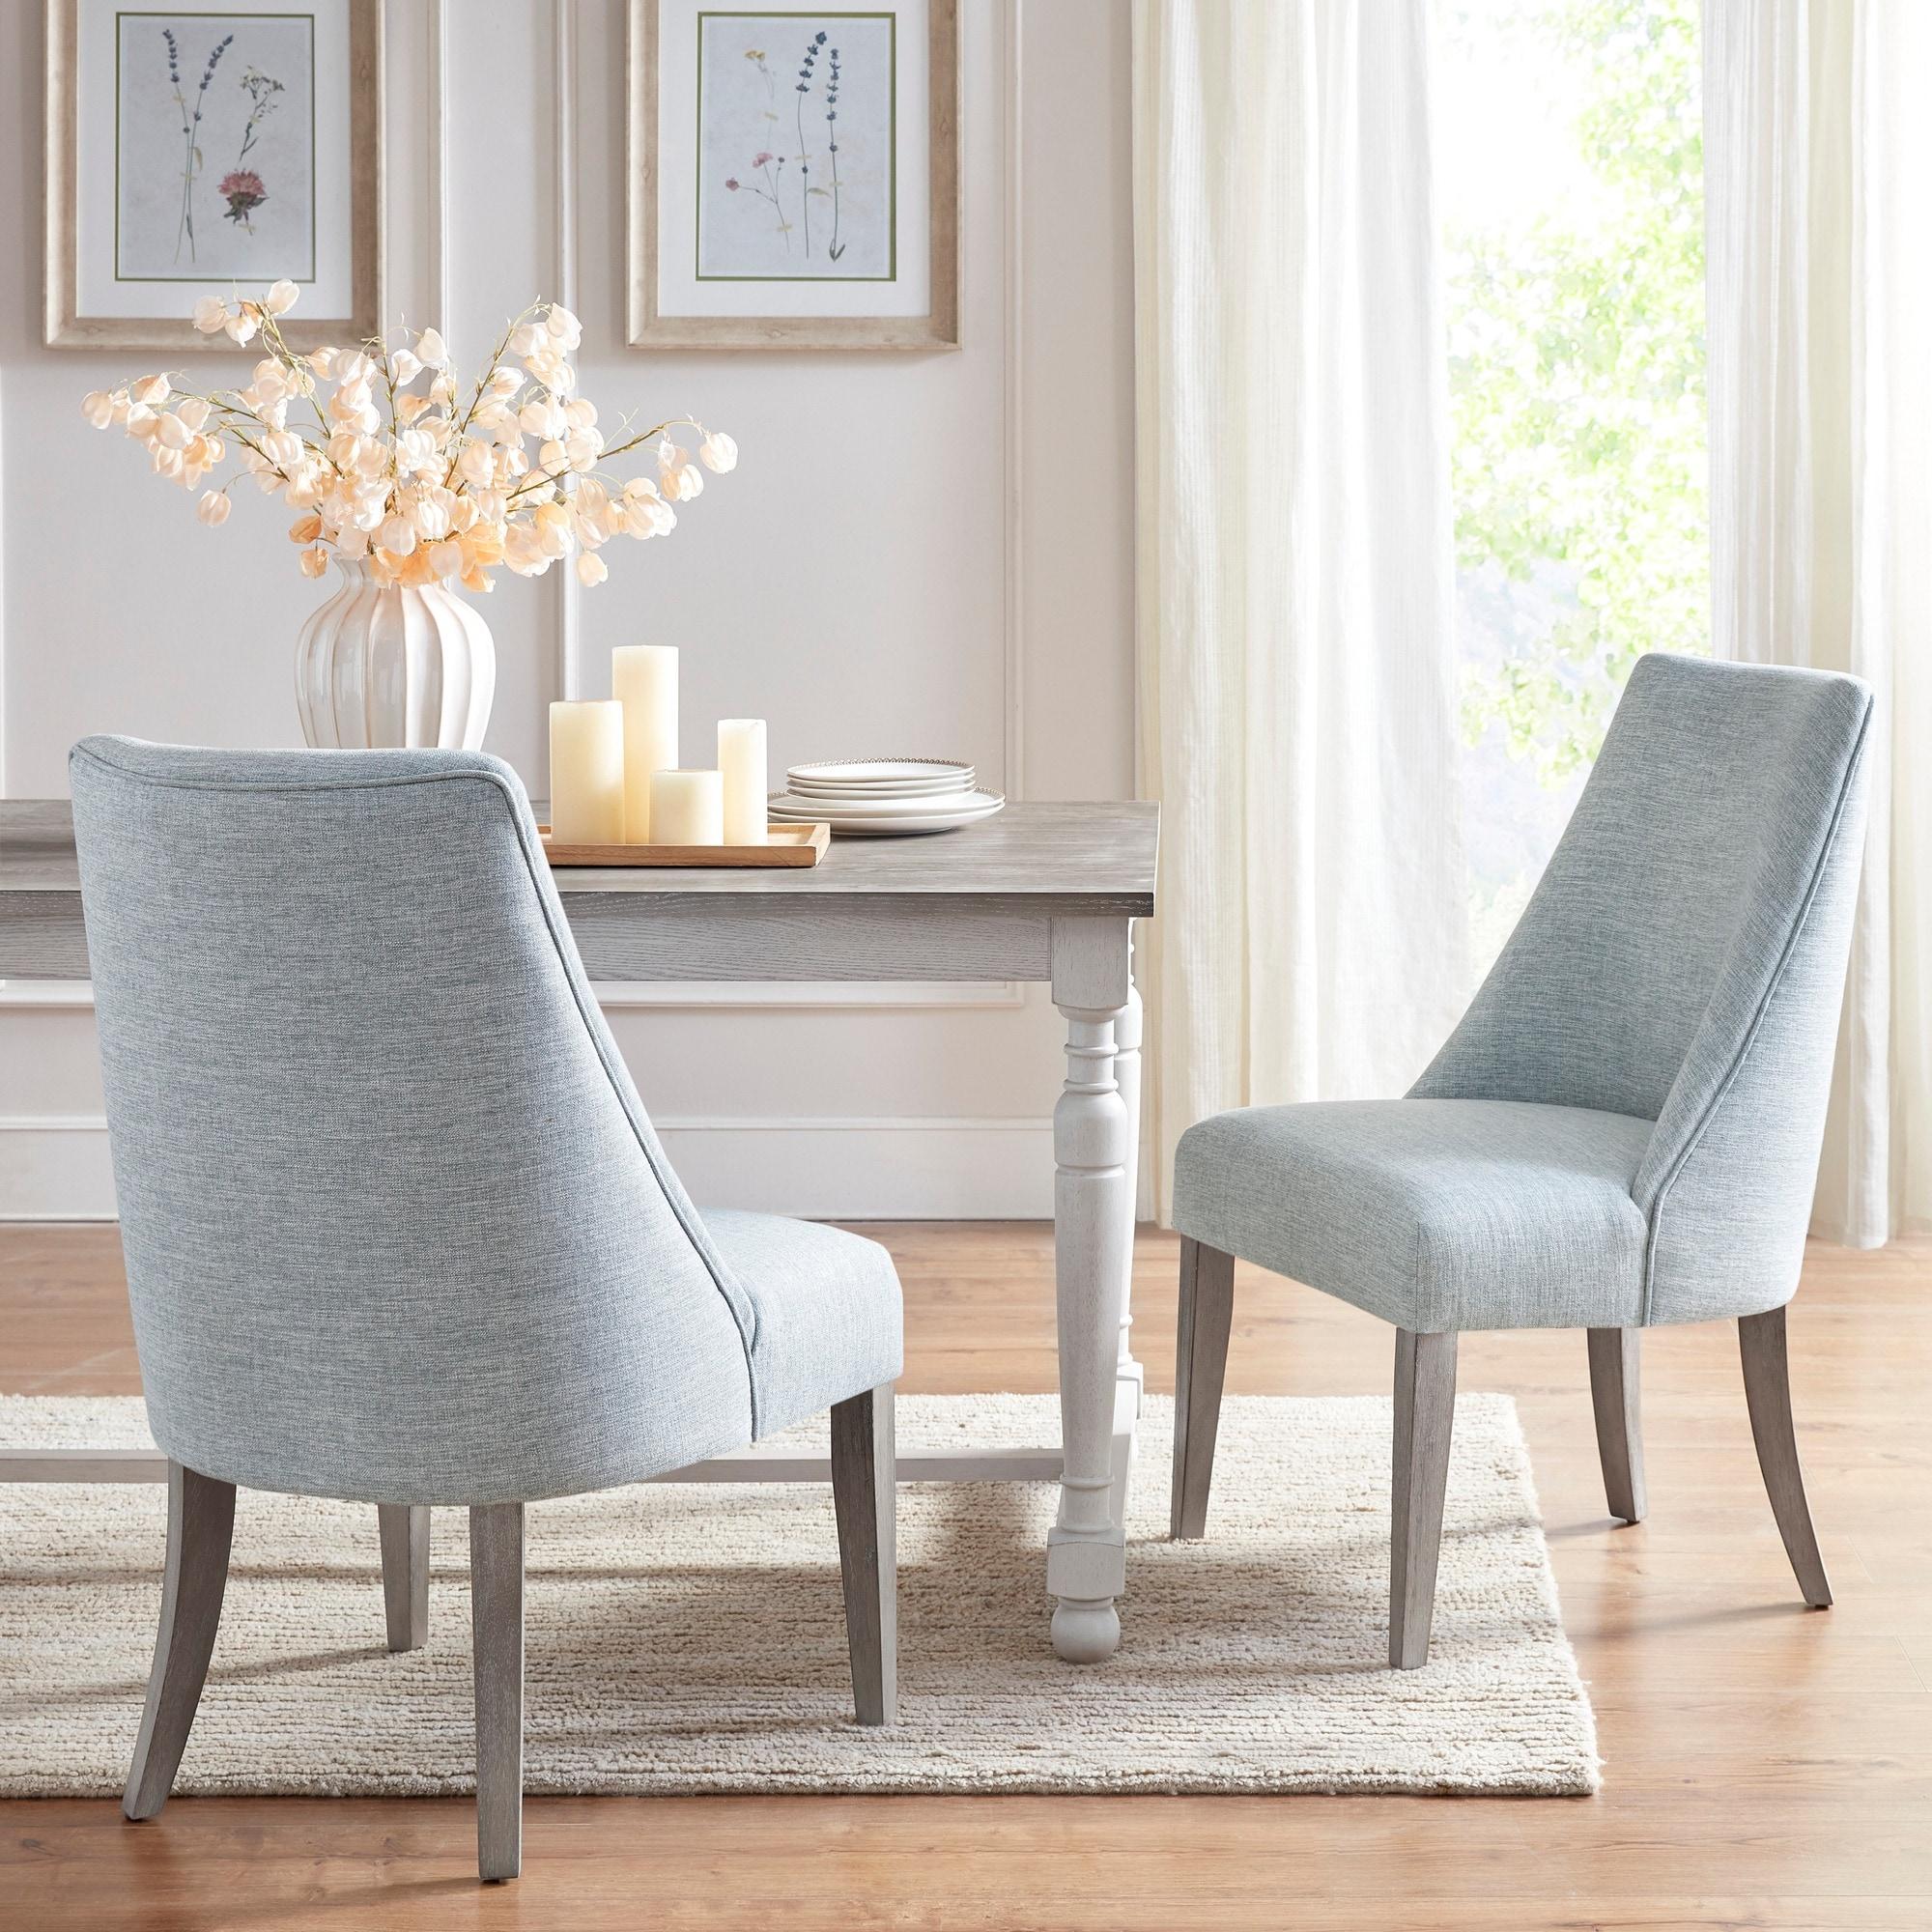 Martha Stewart Winfield Light Blue Dining Chair Set Of 2 Overstock 31224065